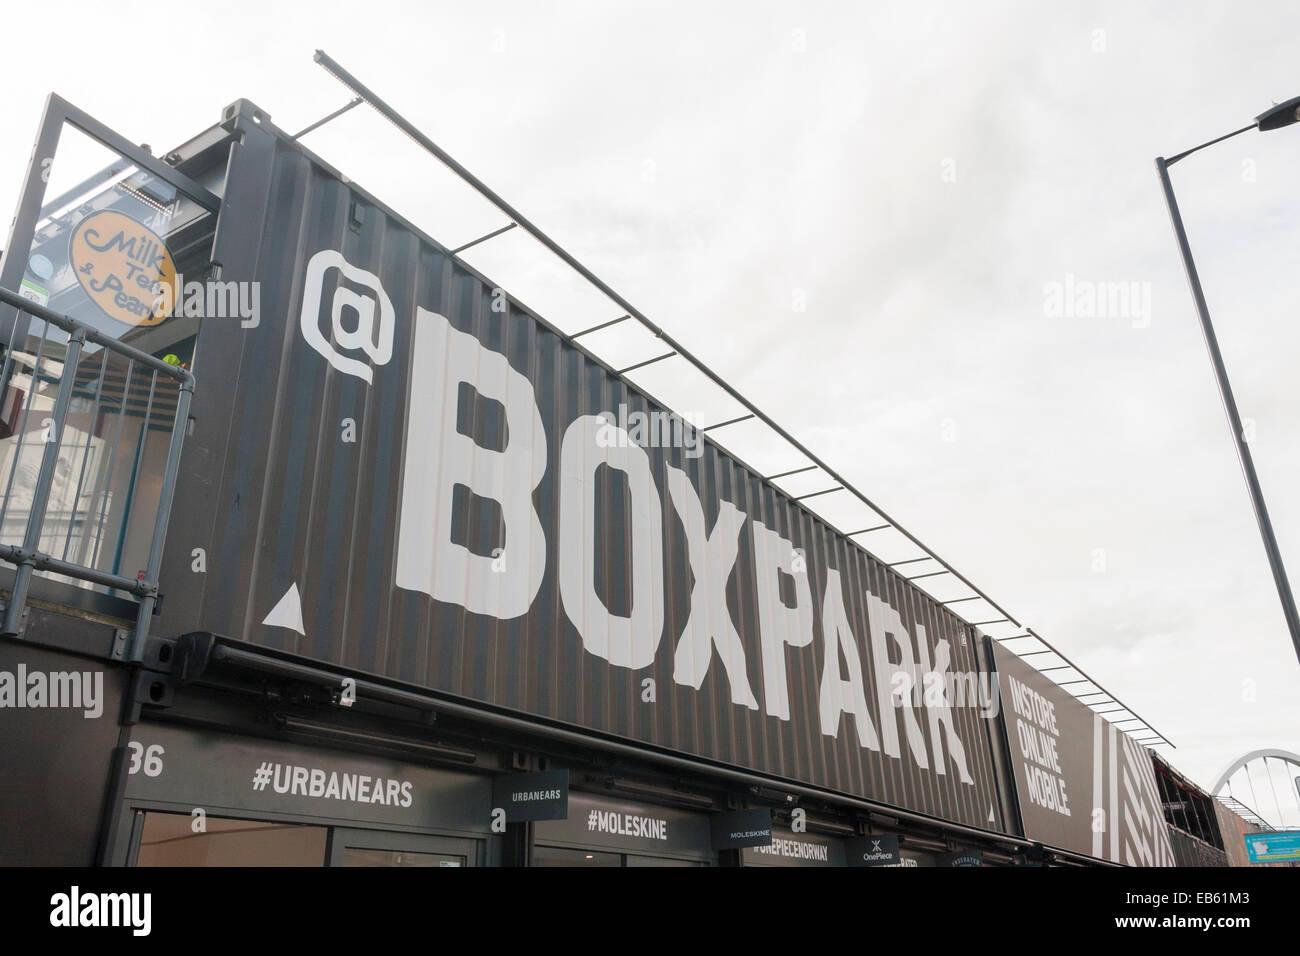 Boxpark exterior sign, Boxpark, SHOREDITCH, LONDON, UK - Stock Image